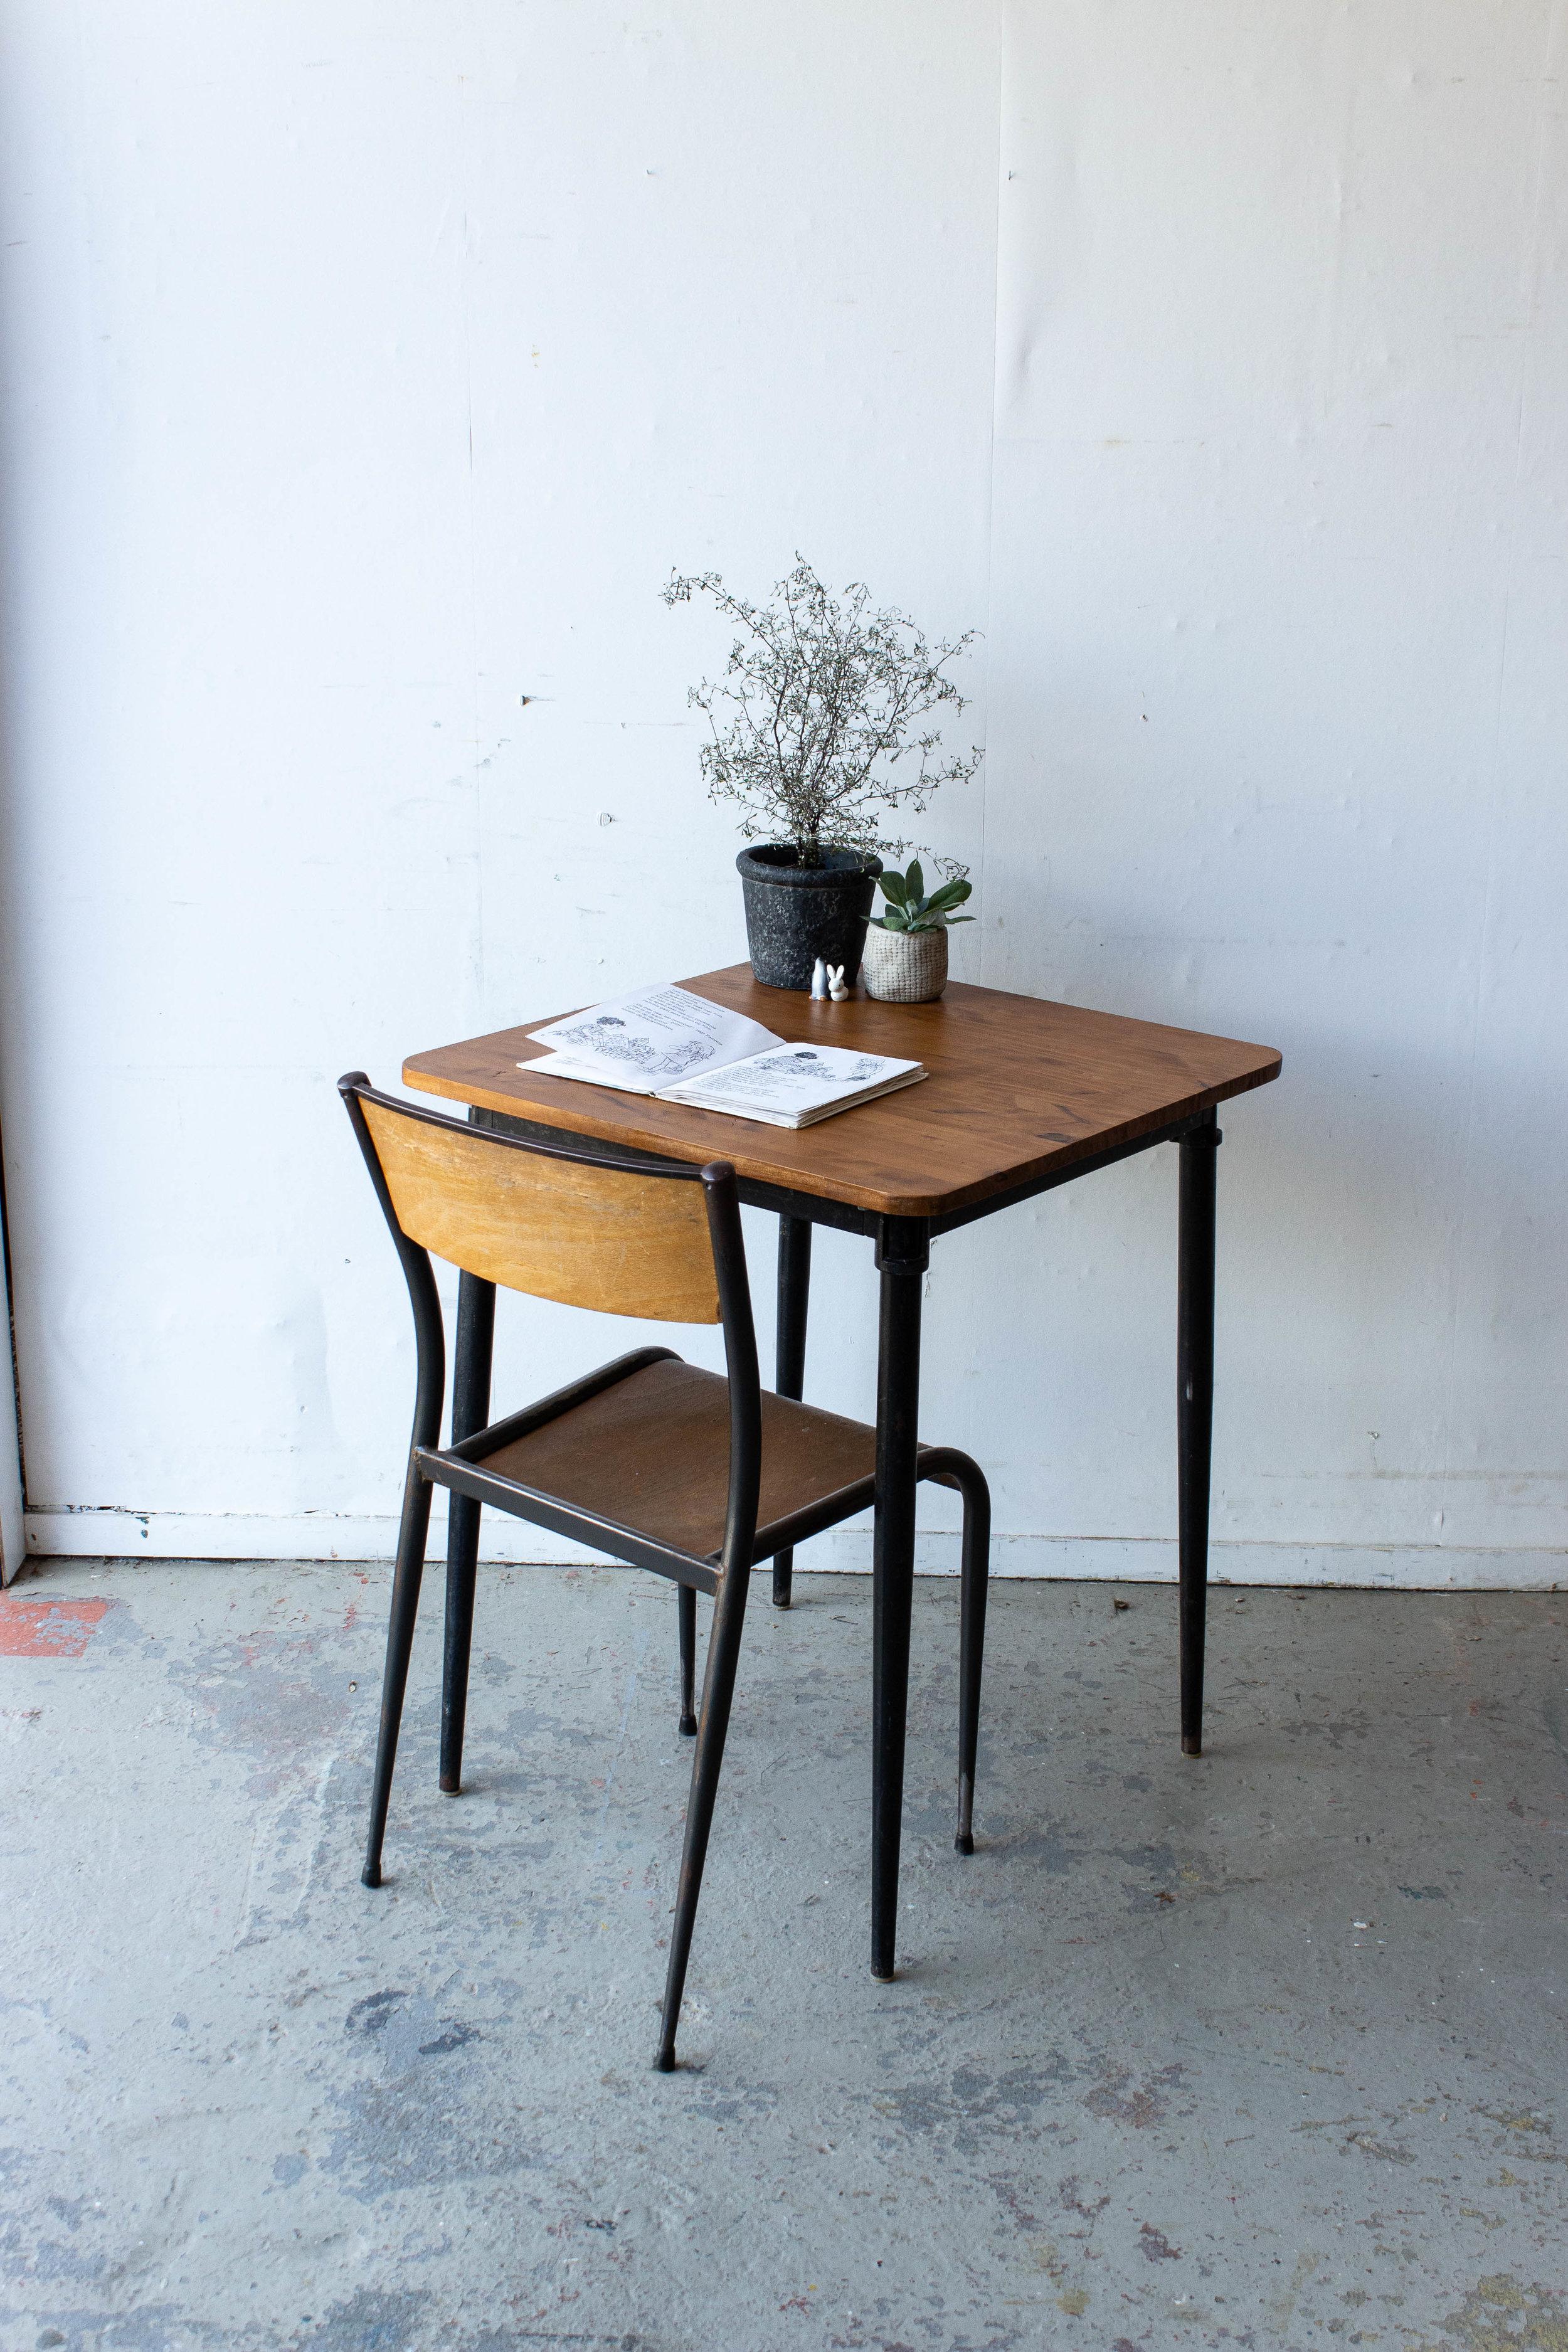 3191 - 1p schooltafel gebeitst met puntpootjes.jpg